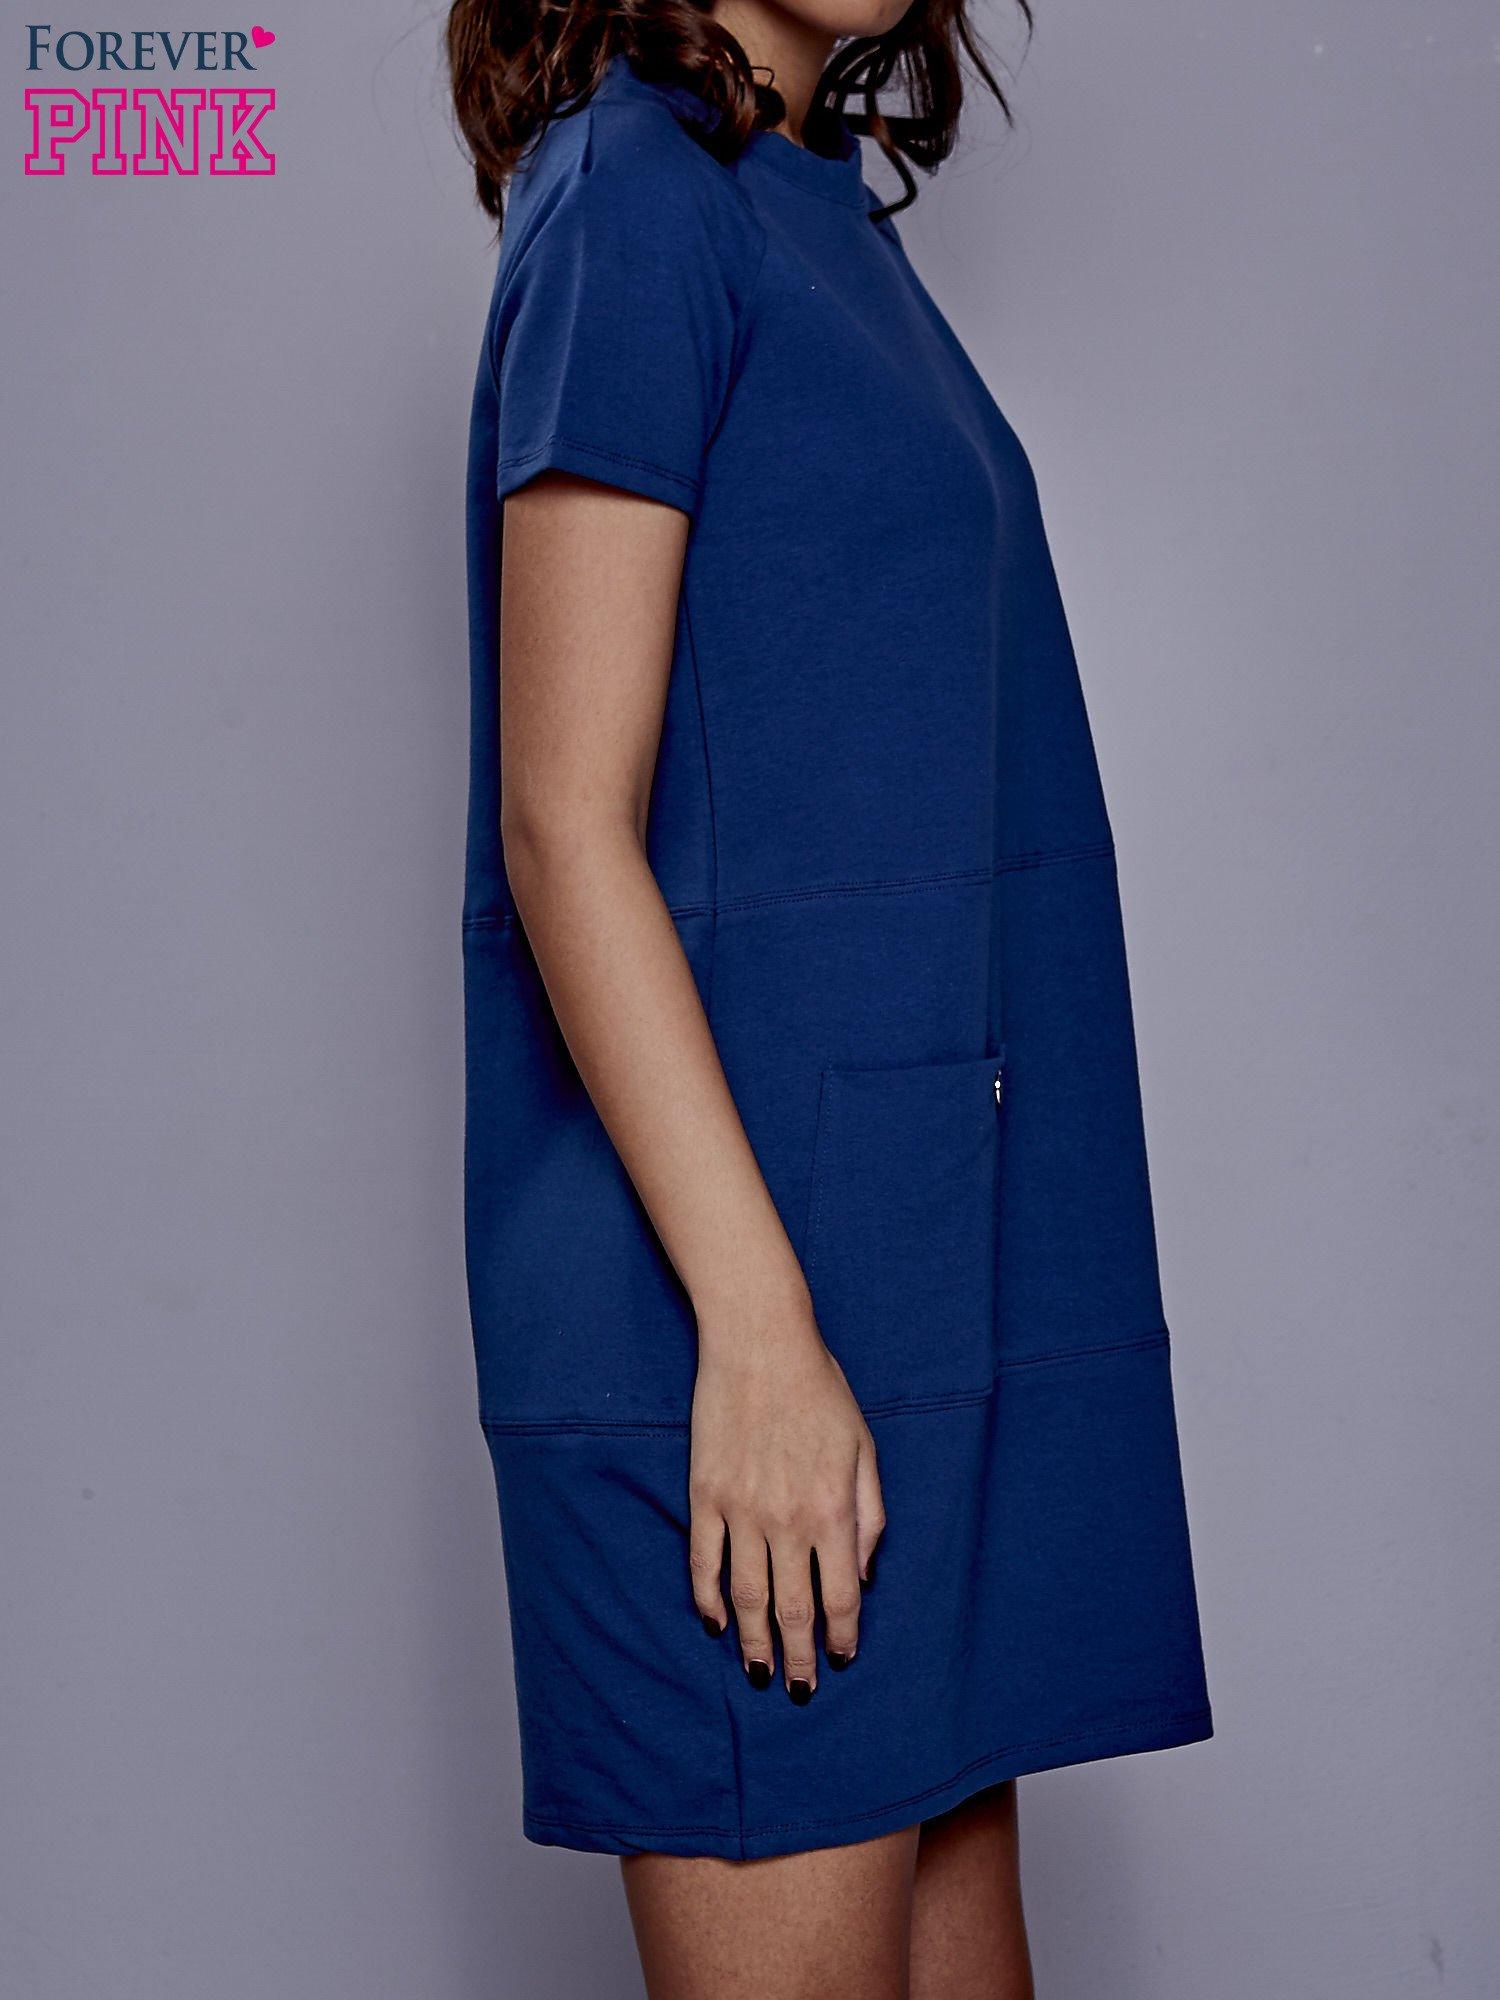 Ciemnoniebieska sukienka dresowa z kieszenią z boku                                  zdj.                                  3